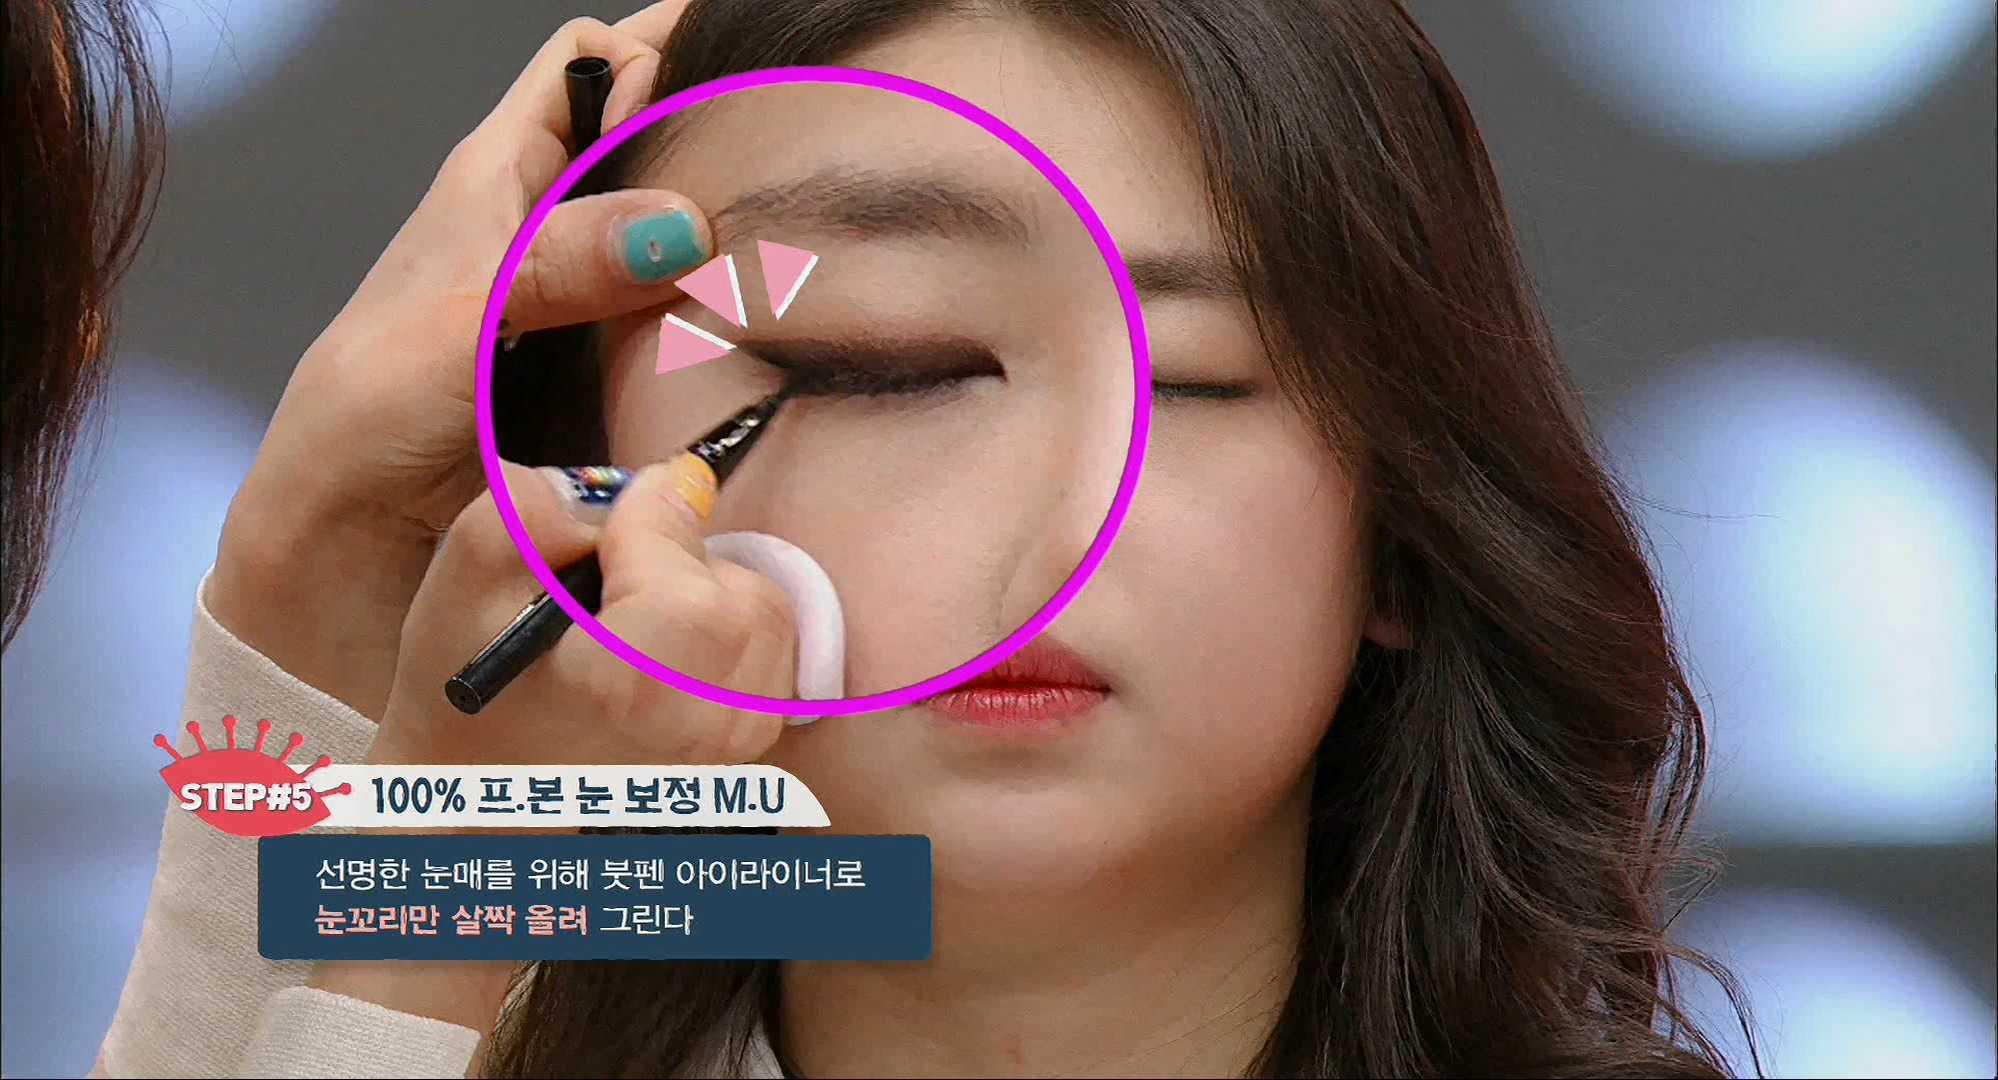 100% 프.본 눈 보정 메이크업 05.선명한 눈매를 위해 붓펜 아이라이너로 눈또리만 살짝 올려 그려줘요